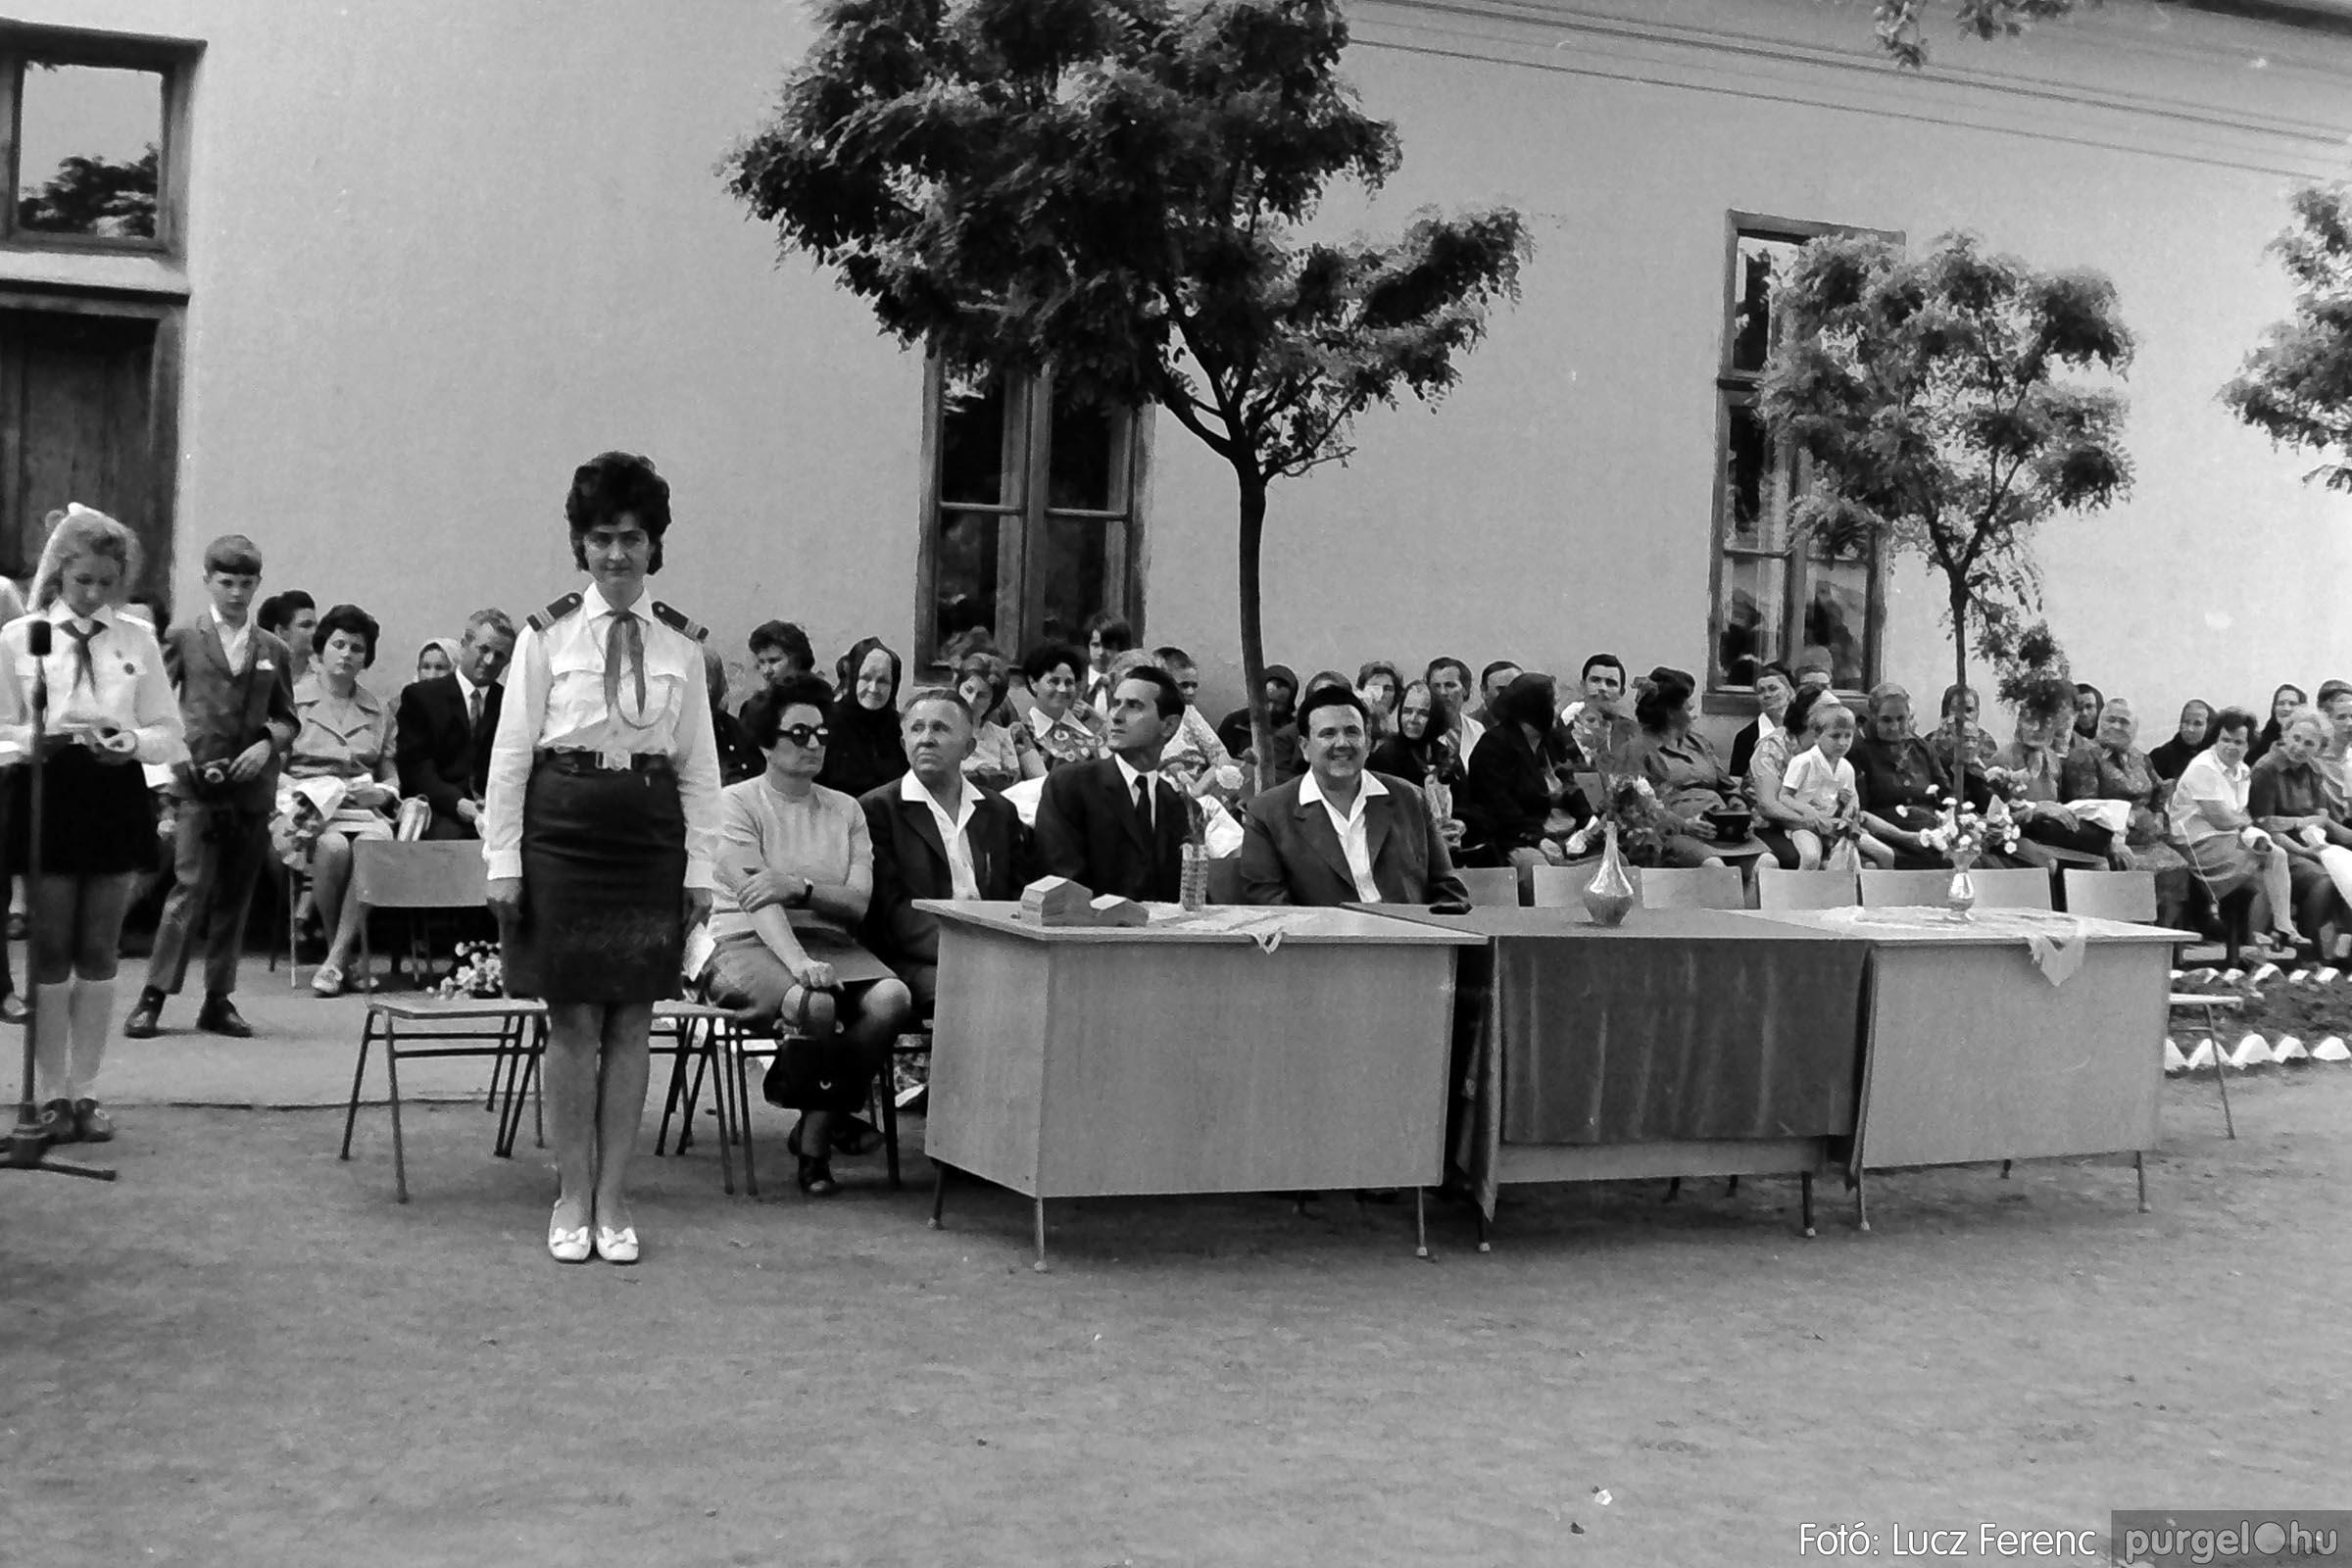 001 1972.05.27. Ballagás a szegvári iskolában 010 - Fotó: Lucz Ferenc - IMG01067q.jpg